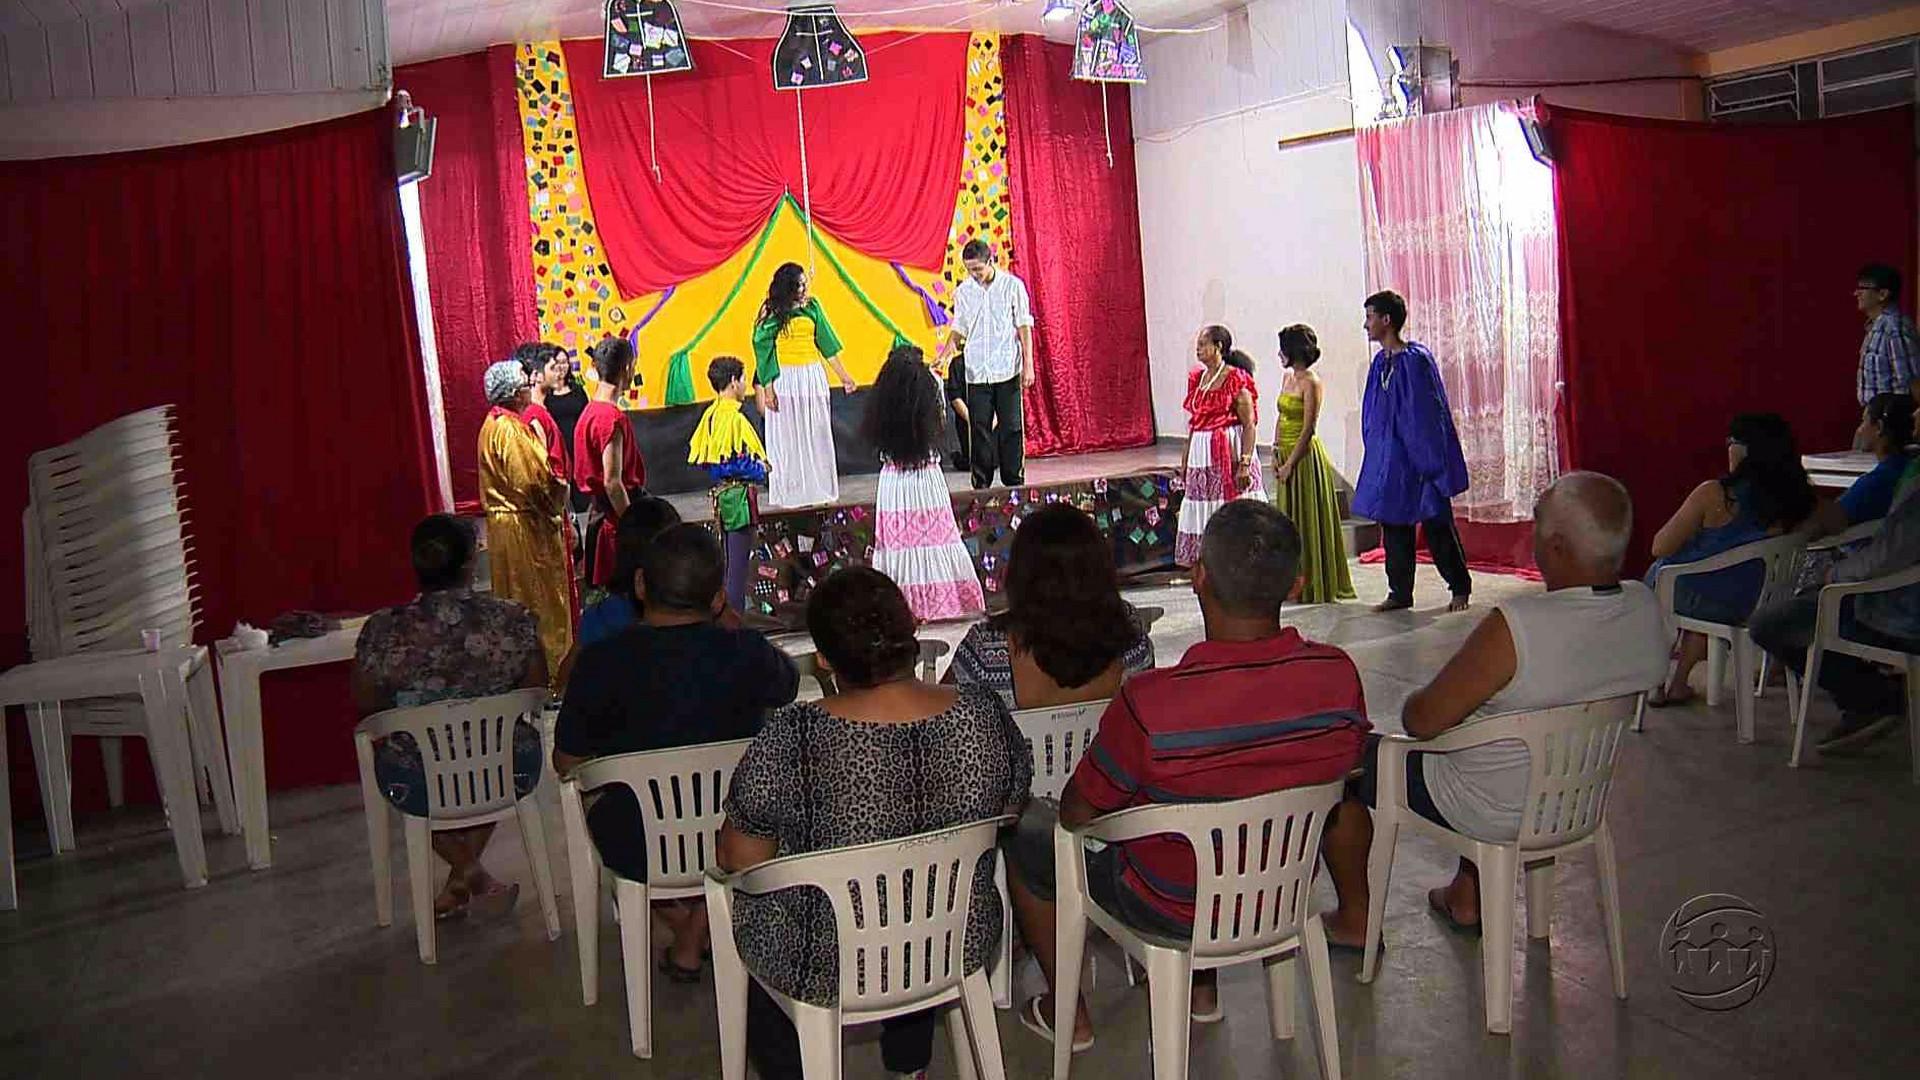 PROJETO LEVA AS ARTES CÊNICAS PARA DENTRO DA COMUNIDADE - Manhã no Ar 27/06/17